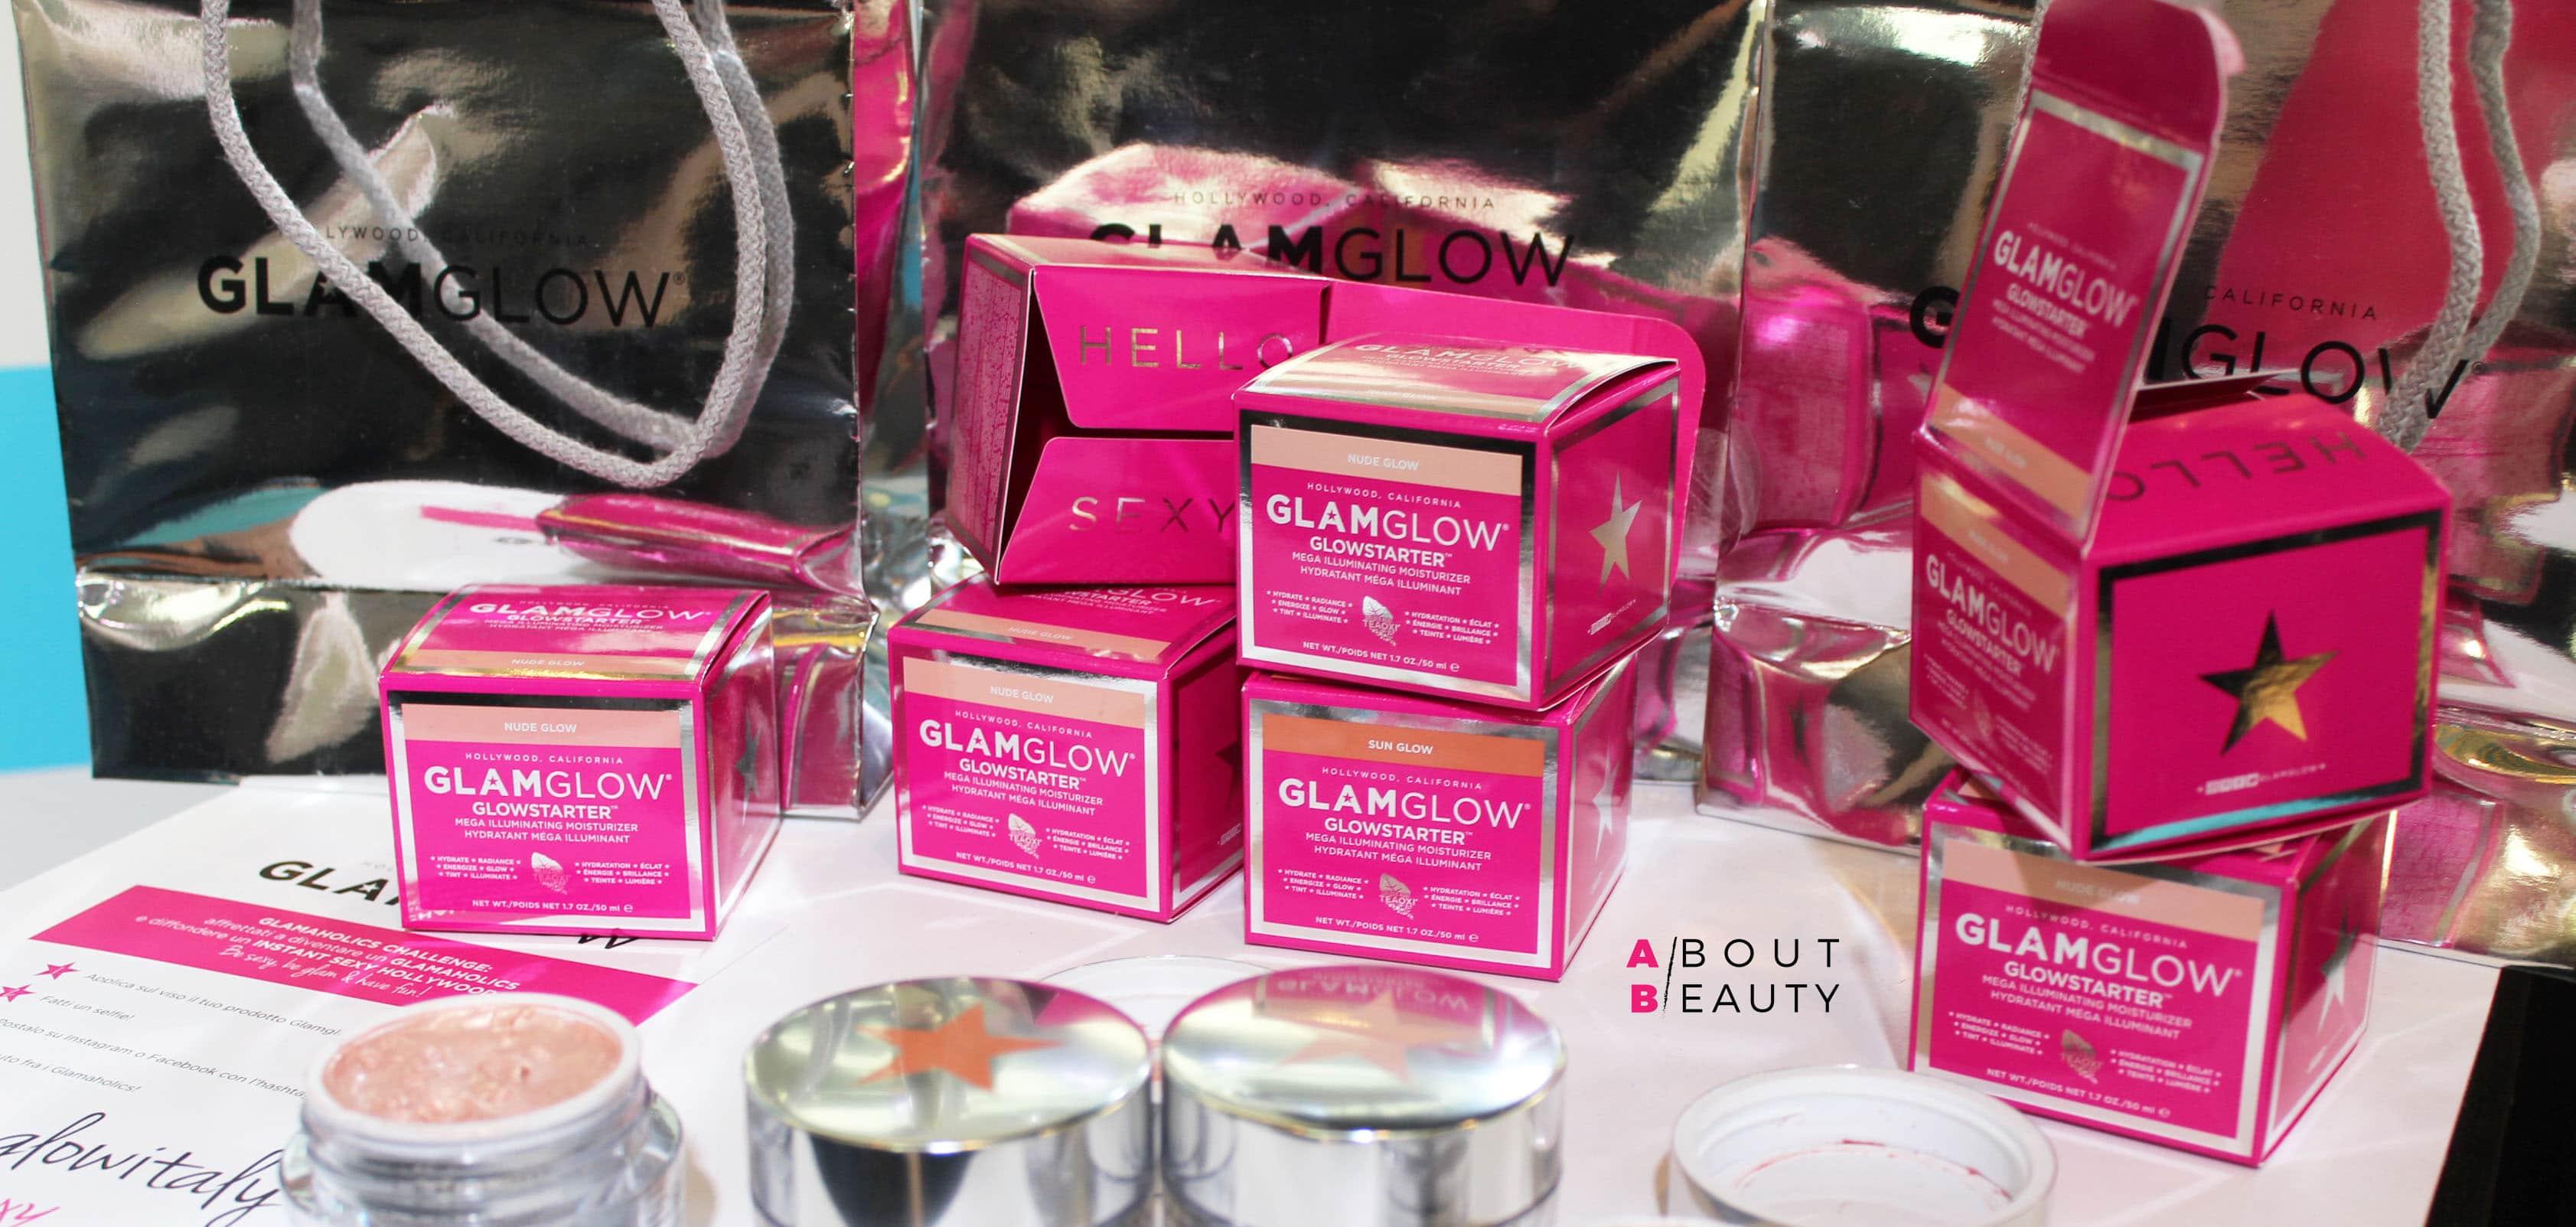 GlamGlow Glow Starter, la crema viso idratante per ridare luminosità alla pelle spenta e disidratata